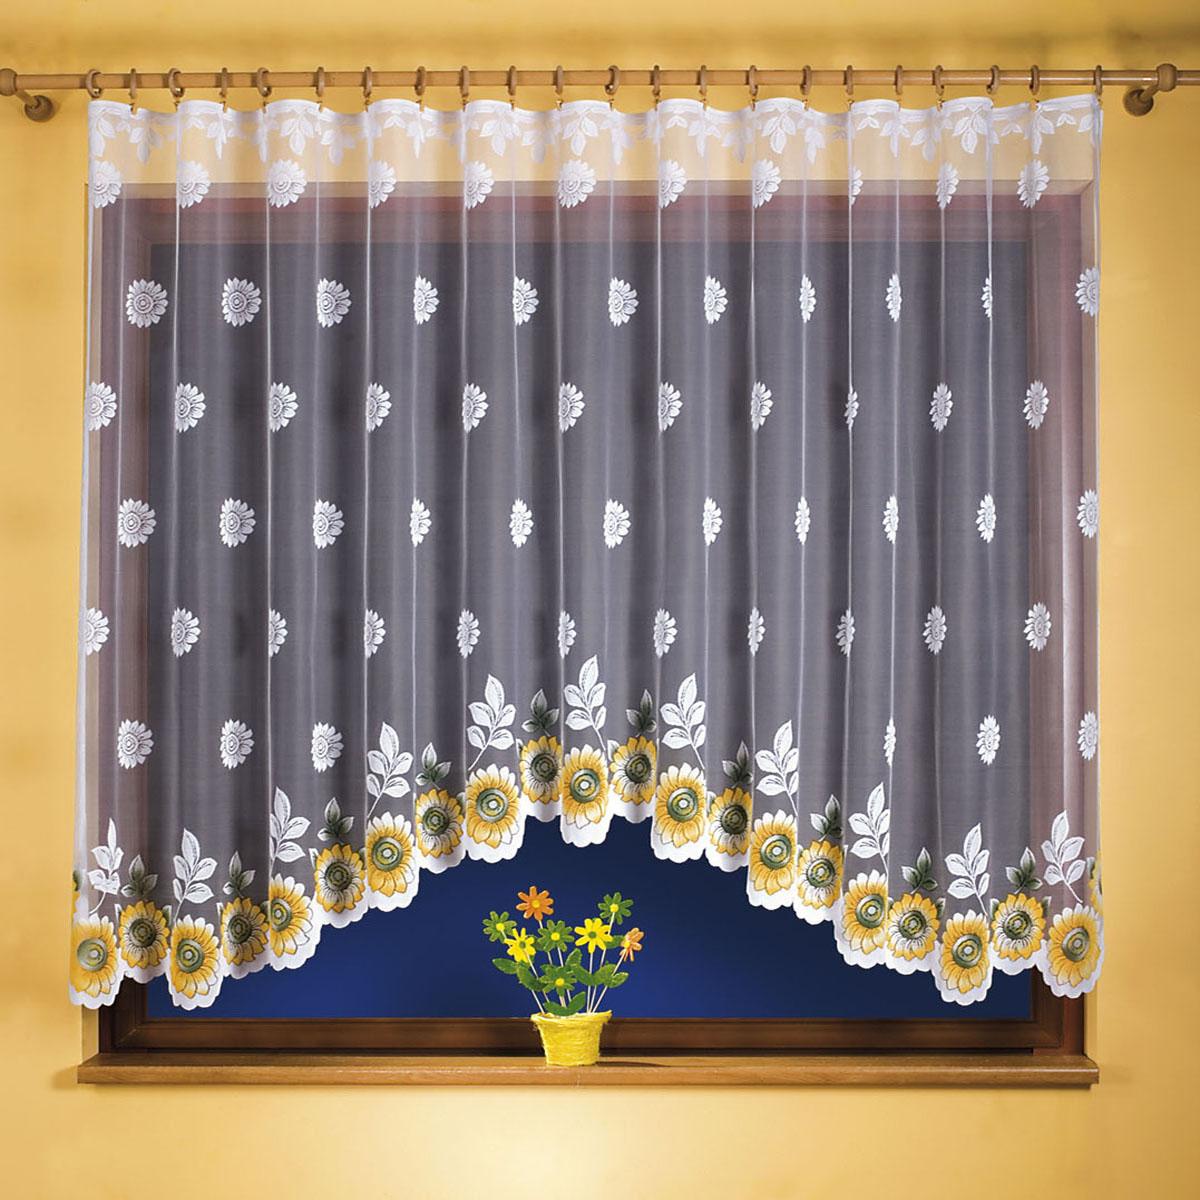 Штора для кухни Wisan, на ленте, цвет: белый, оранжевый, высота 120 см. 9769GC013/00Штора Wisan, выполненная из легкого полупрозрачного полиэстера белого цвета, станет великолепным украшением кухонного окна. Изделие имеет ассиметричную длину и красивый цветочный орнамент по всей поверхности полотна. Качественный материал и оригинальный дизайн привлекут к себе внимание и позволят шторе органично вписаться в интерьер помещения. Штора оснащена шторной лентой под зажимы для крепления на карниз.